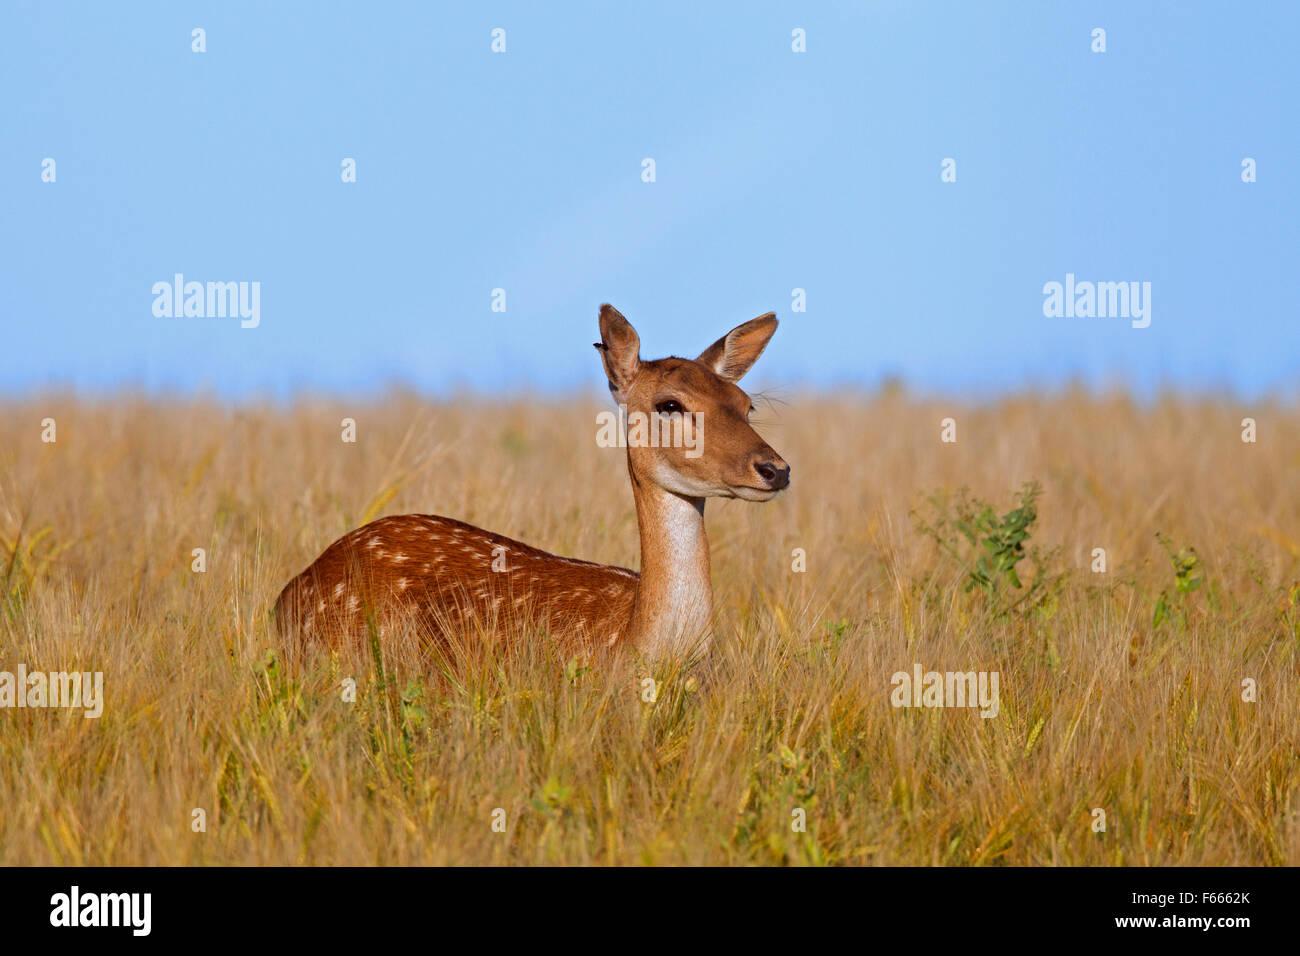 Fallow deer (Cervus dama / Dama dama) doe in wheat field in summer - Stock Image